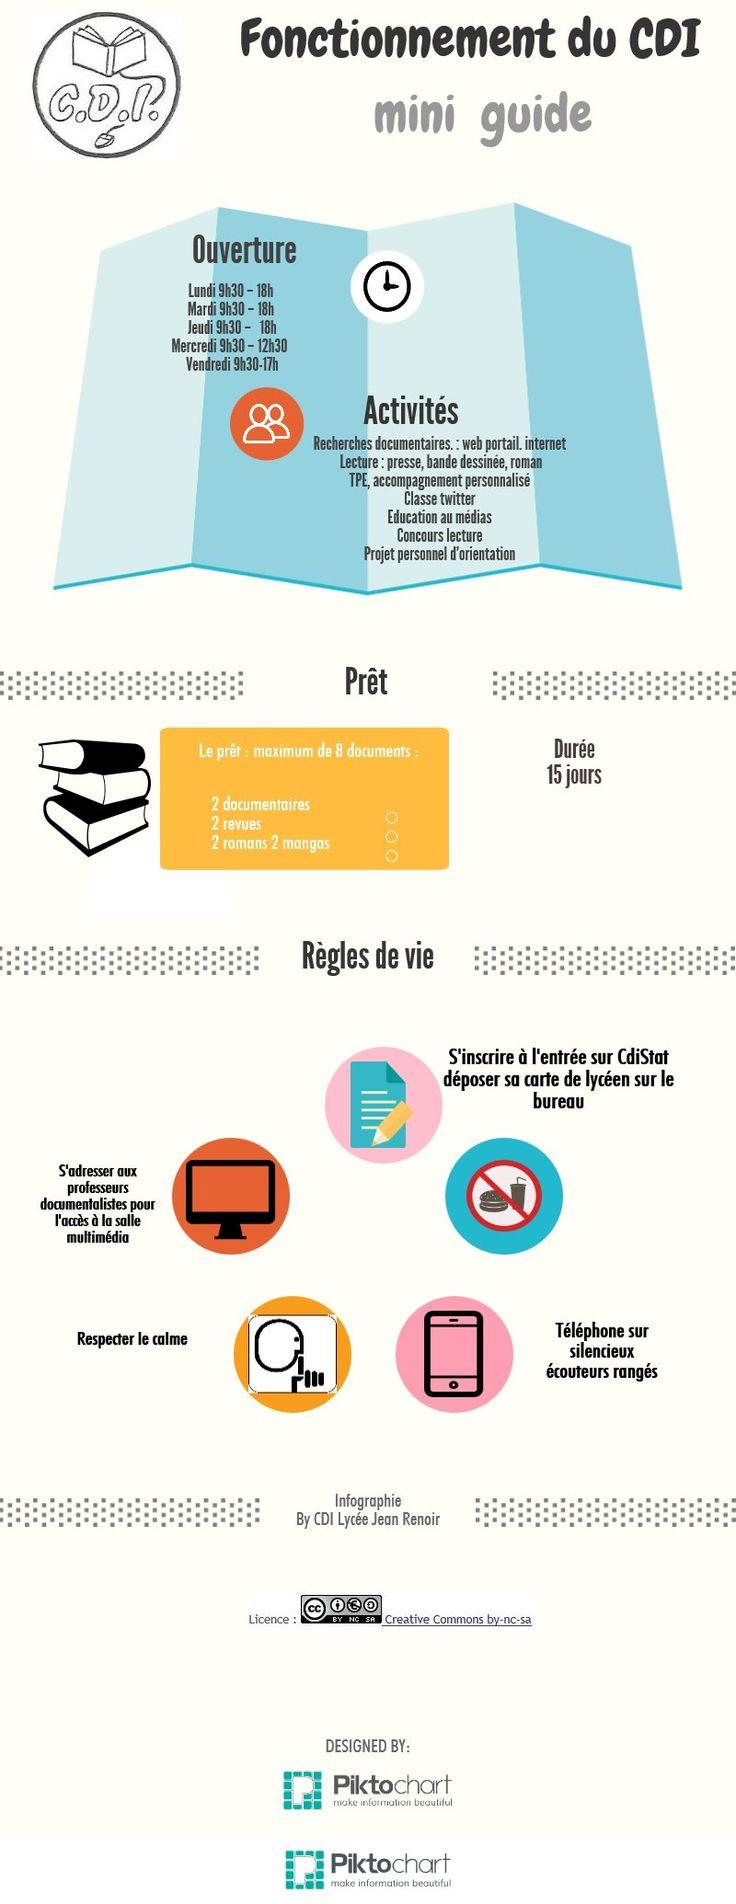 fonctionnement du CDI   @Piktochart Infographic